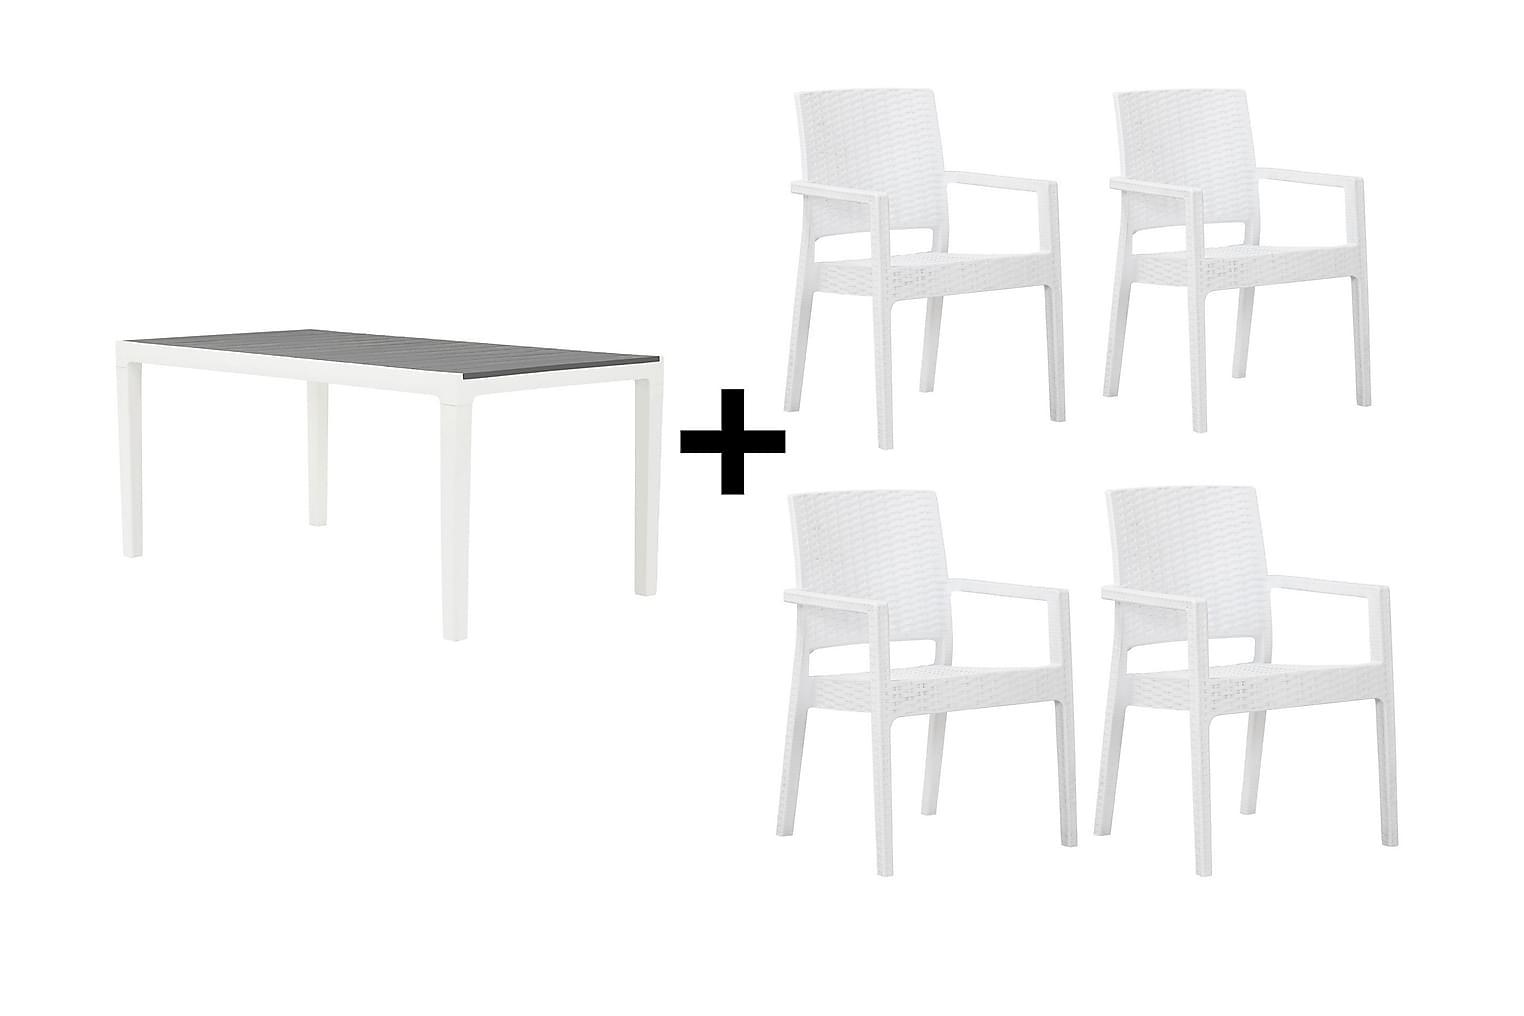 BILBAO Pöytä 160 Harmaa/valkoinen + 4 LEORA Karmituolia Valk